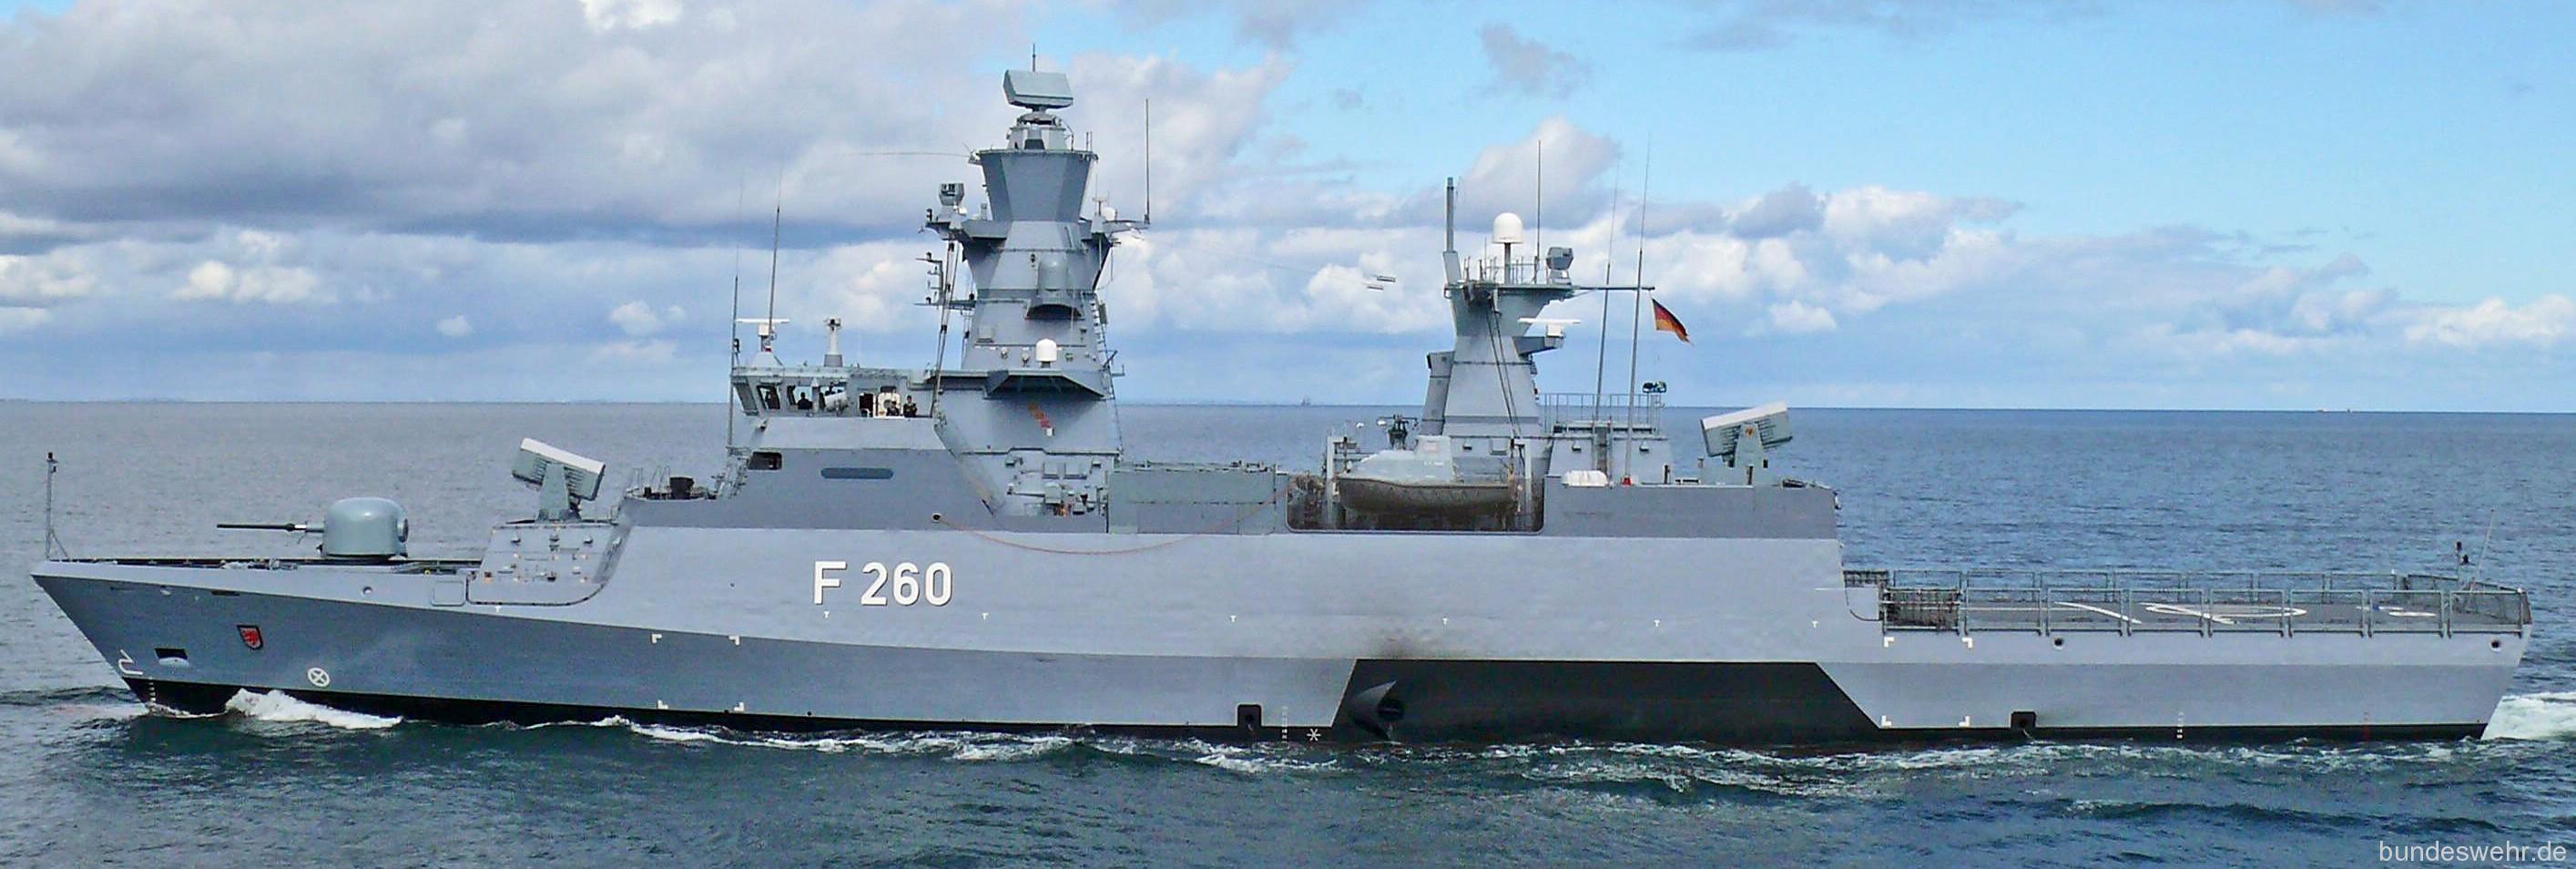 F260-Braunschweig-007.jpg